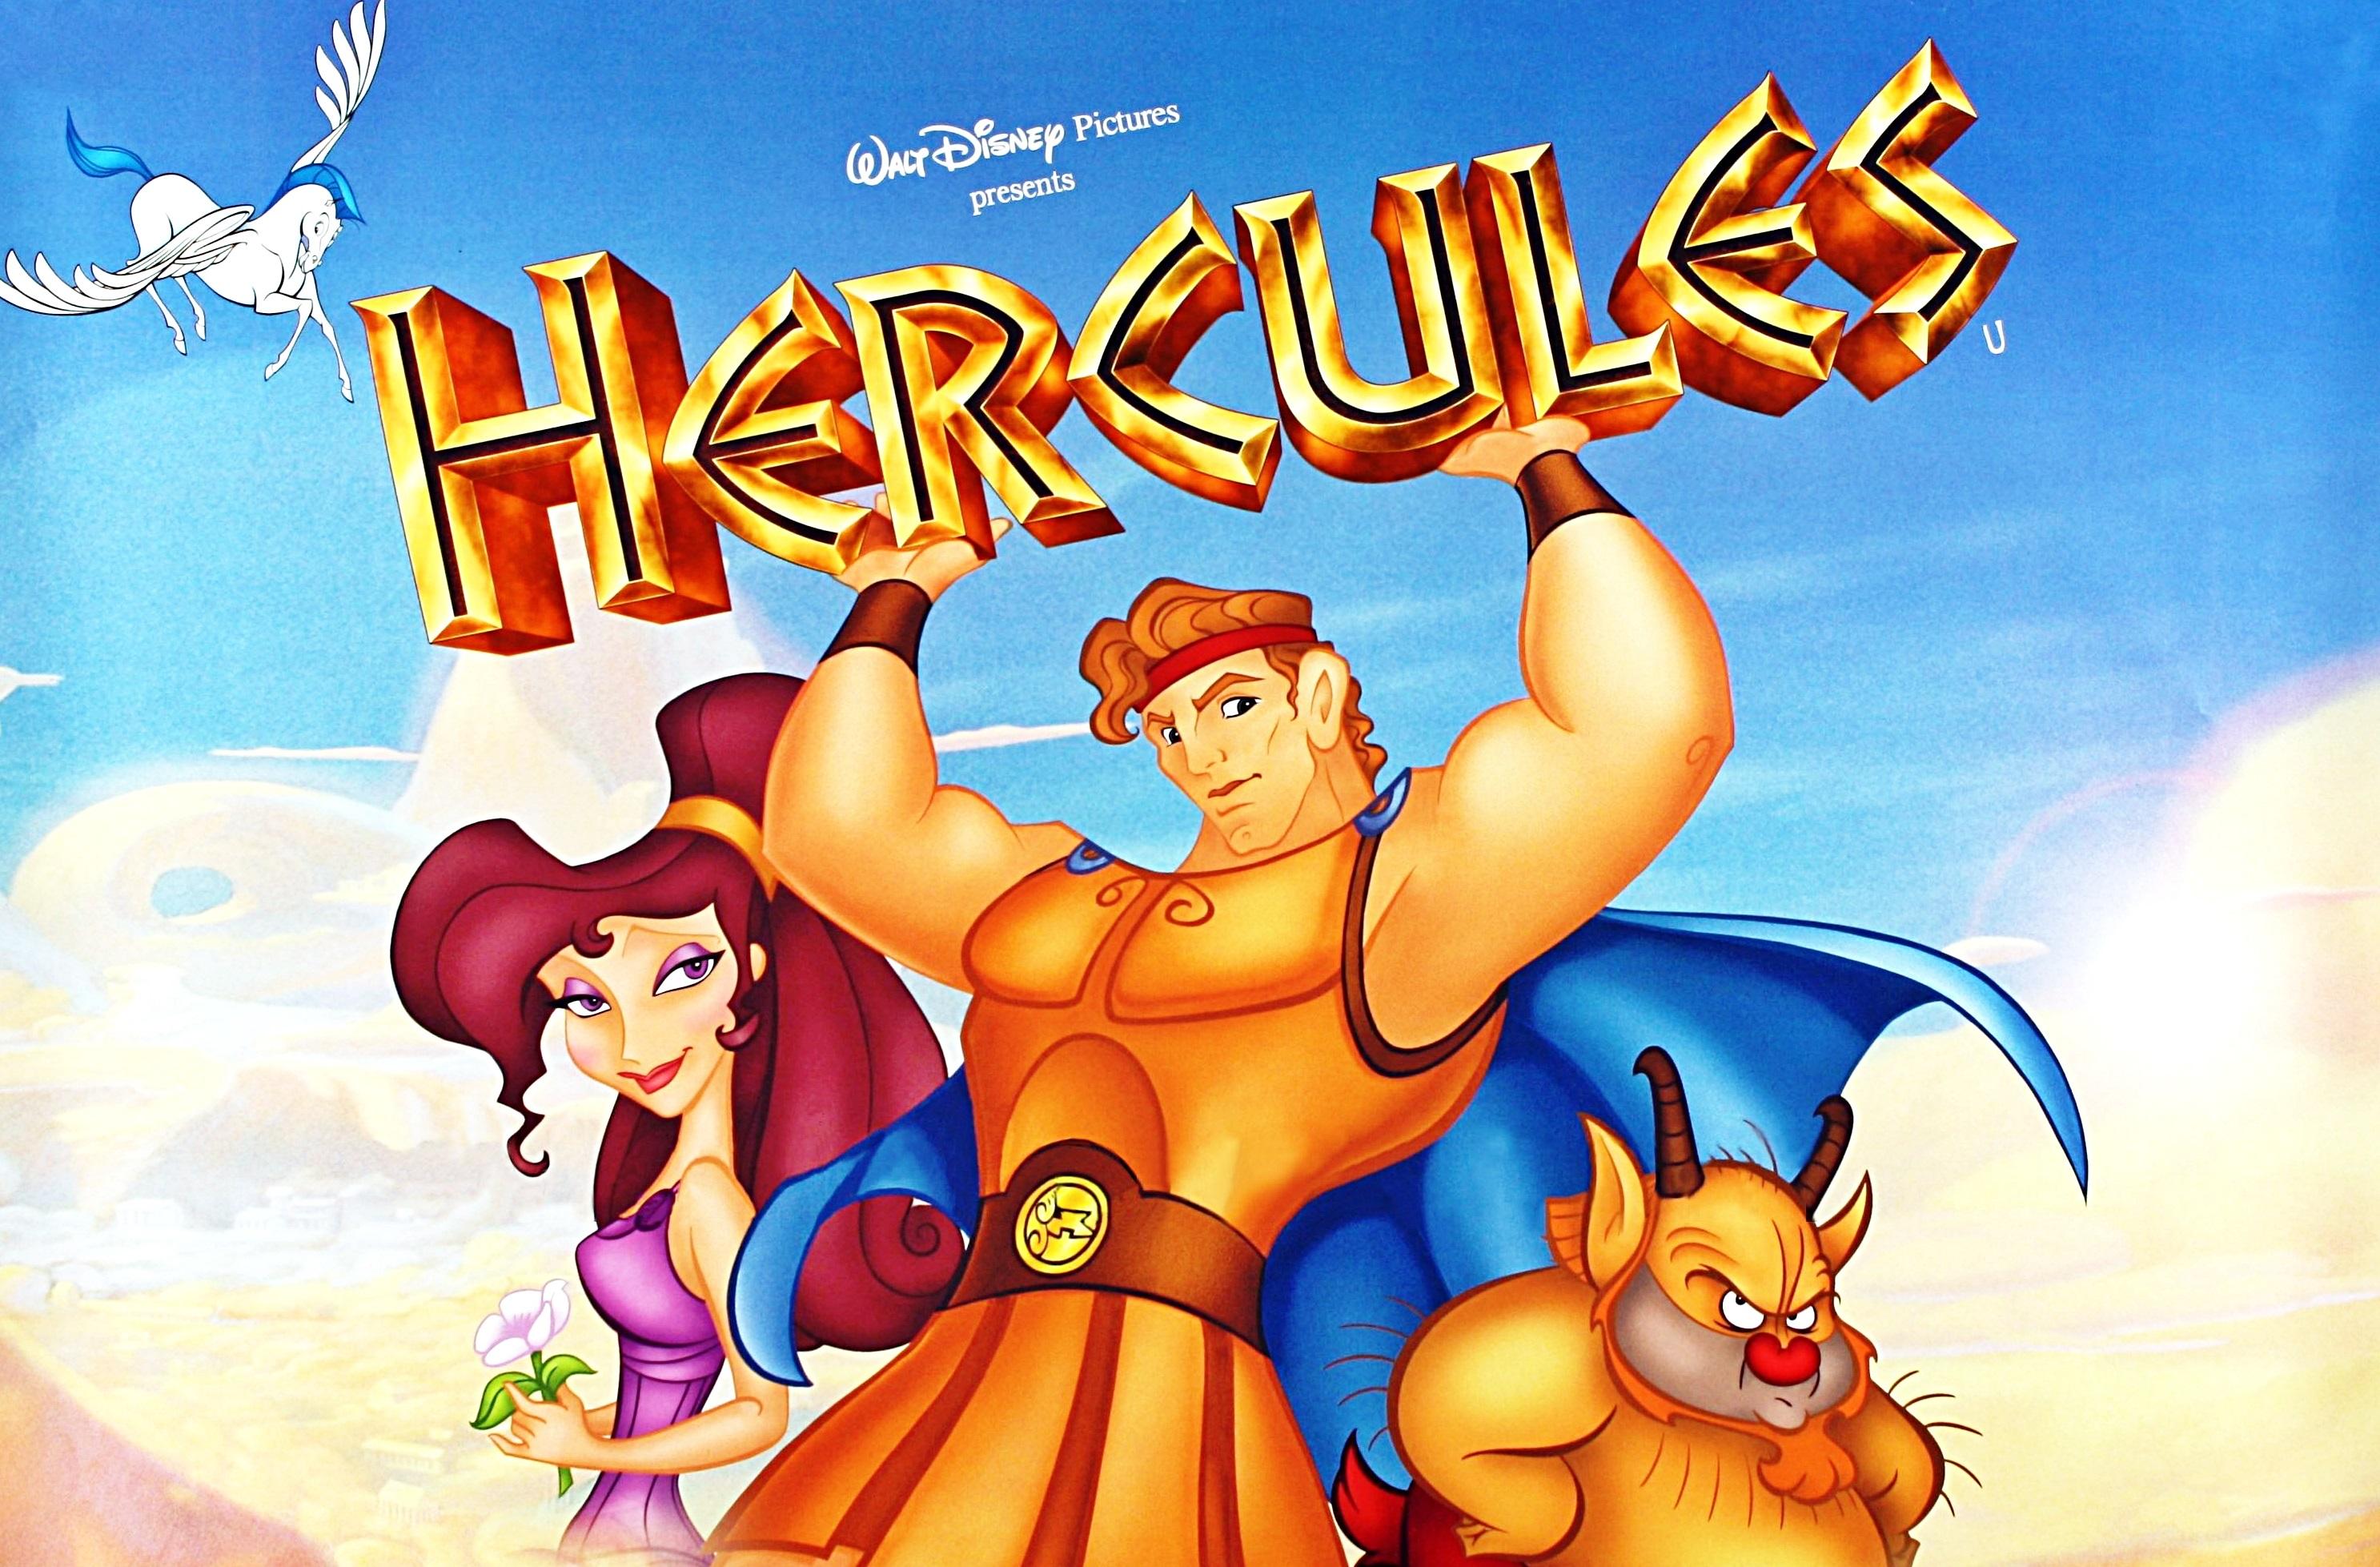 Trilha Sonora As Divertidas E Bem Elaboradas Cancoes De Hercules